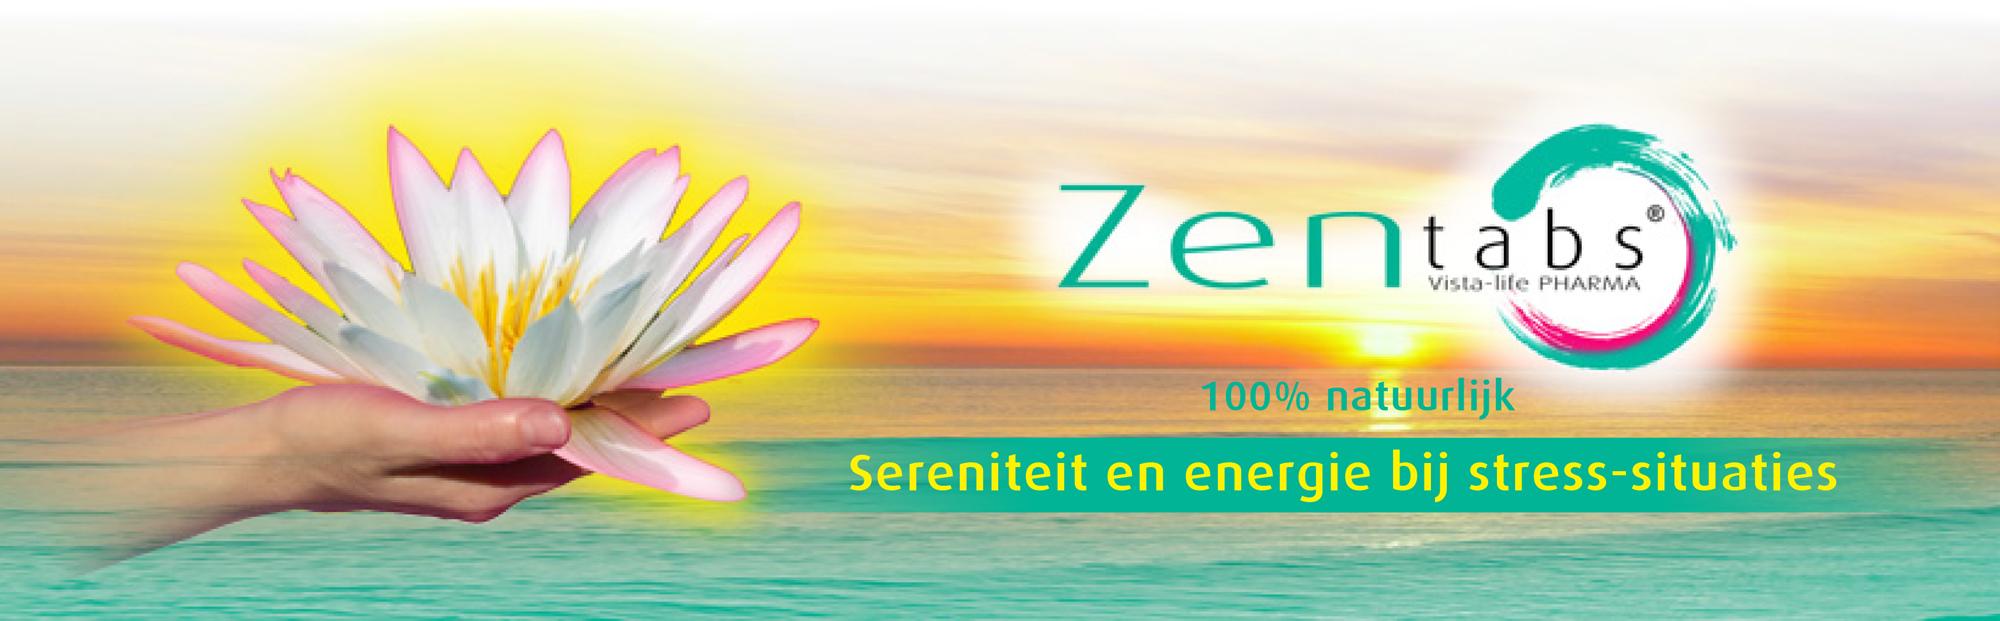 zentabs-(topbanner)NL